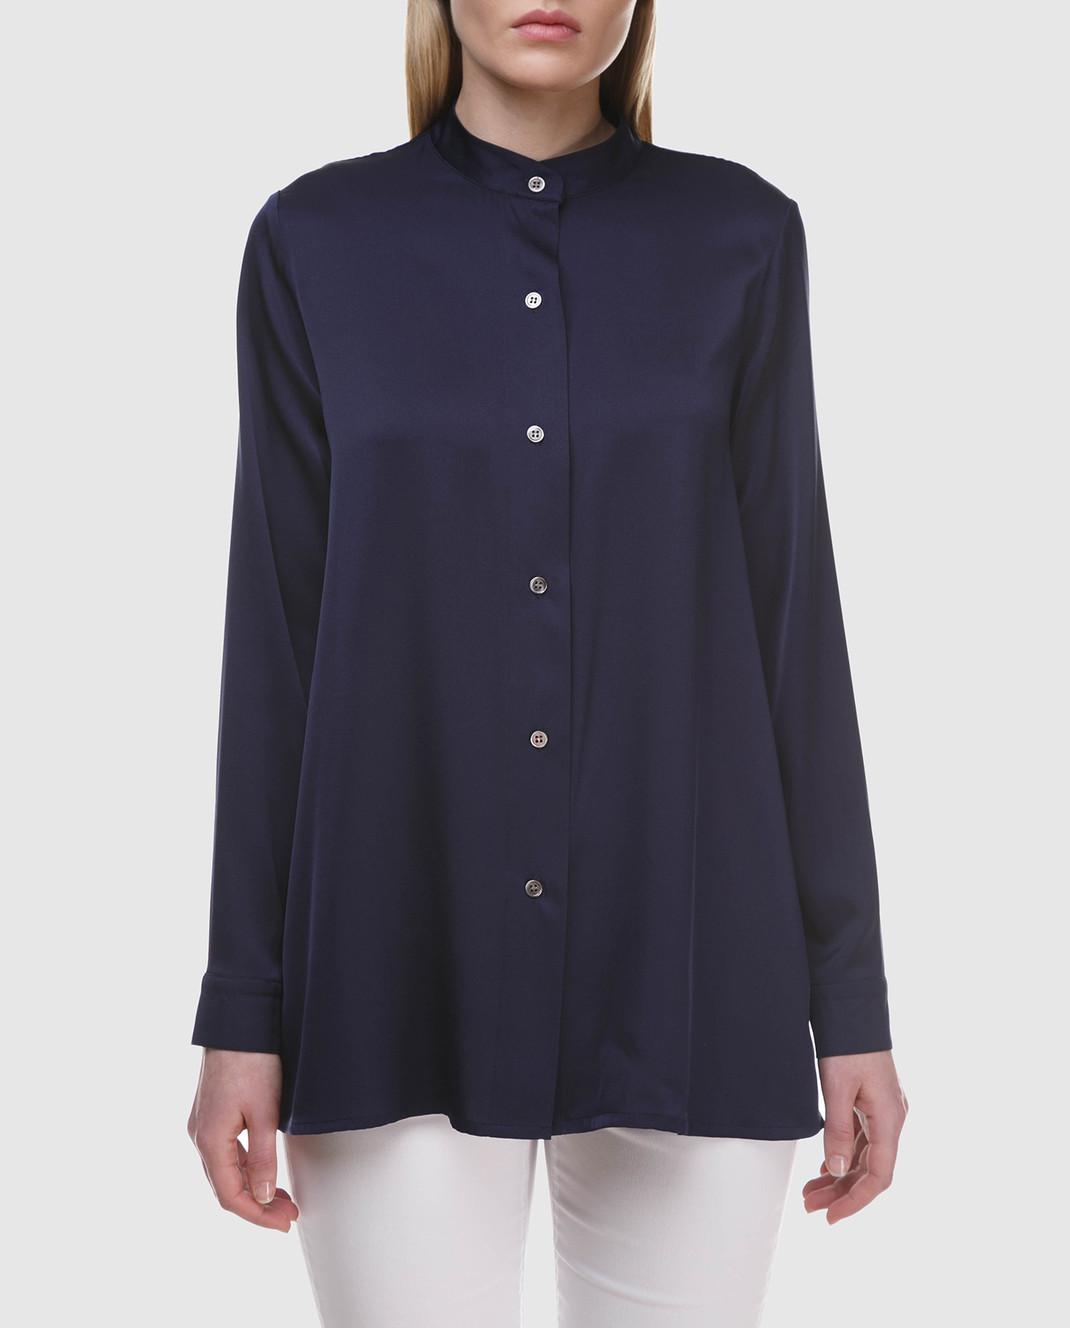 Allude Синяя блуза 18283003 изображение 3